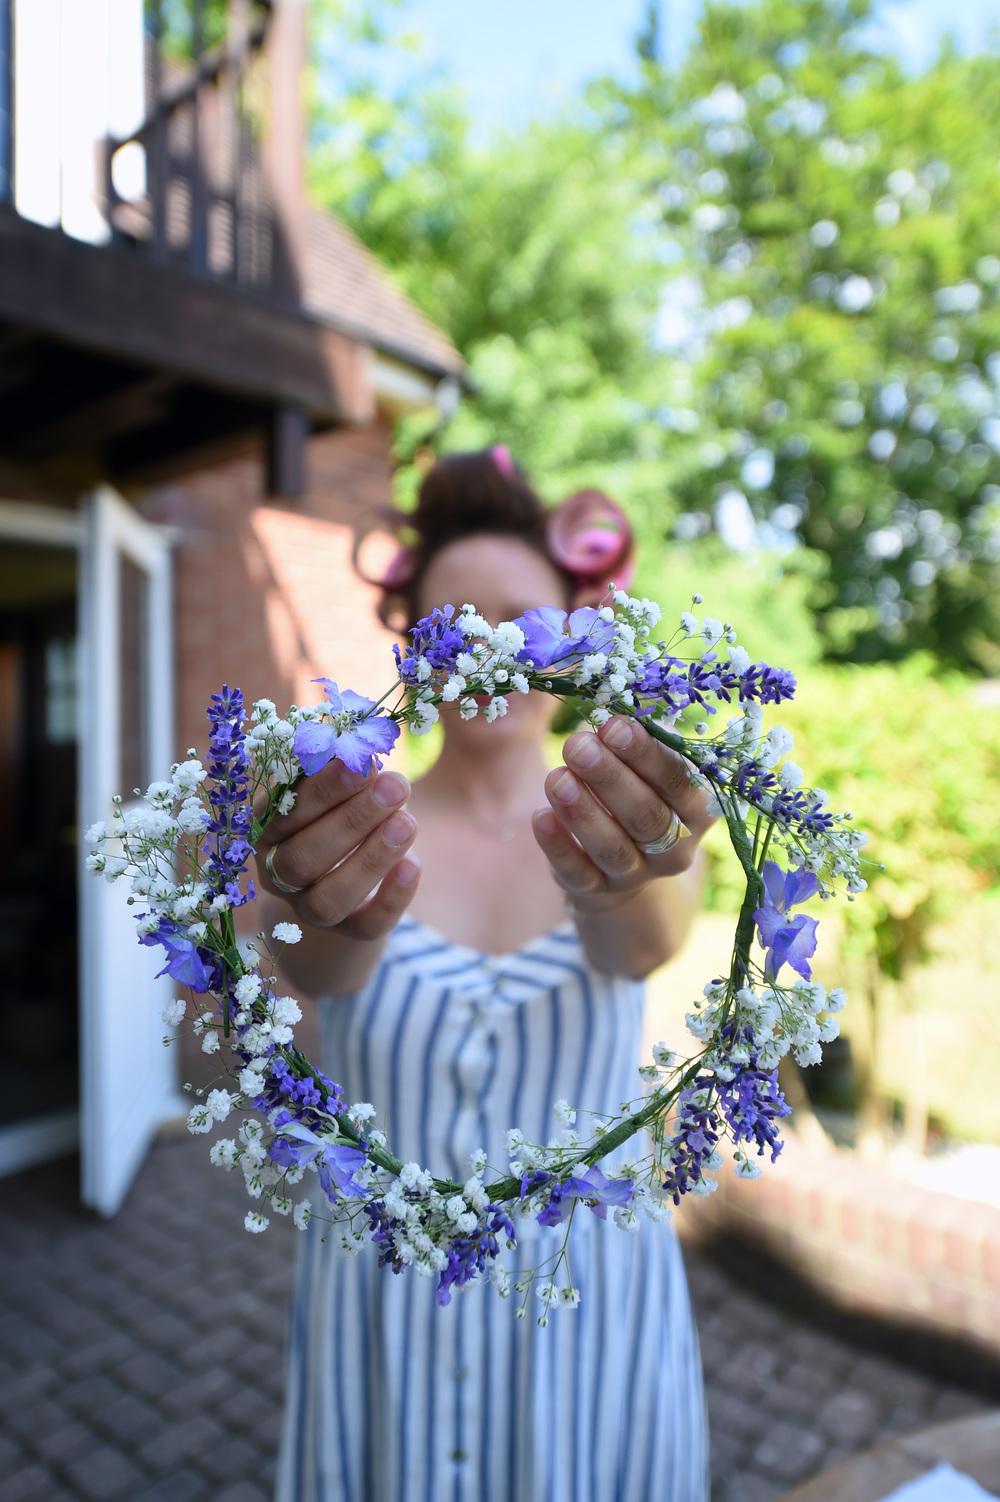 French-&-Fahey-festival-wedding-flower-crown.jpg